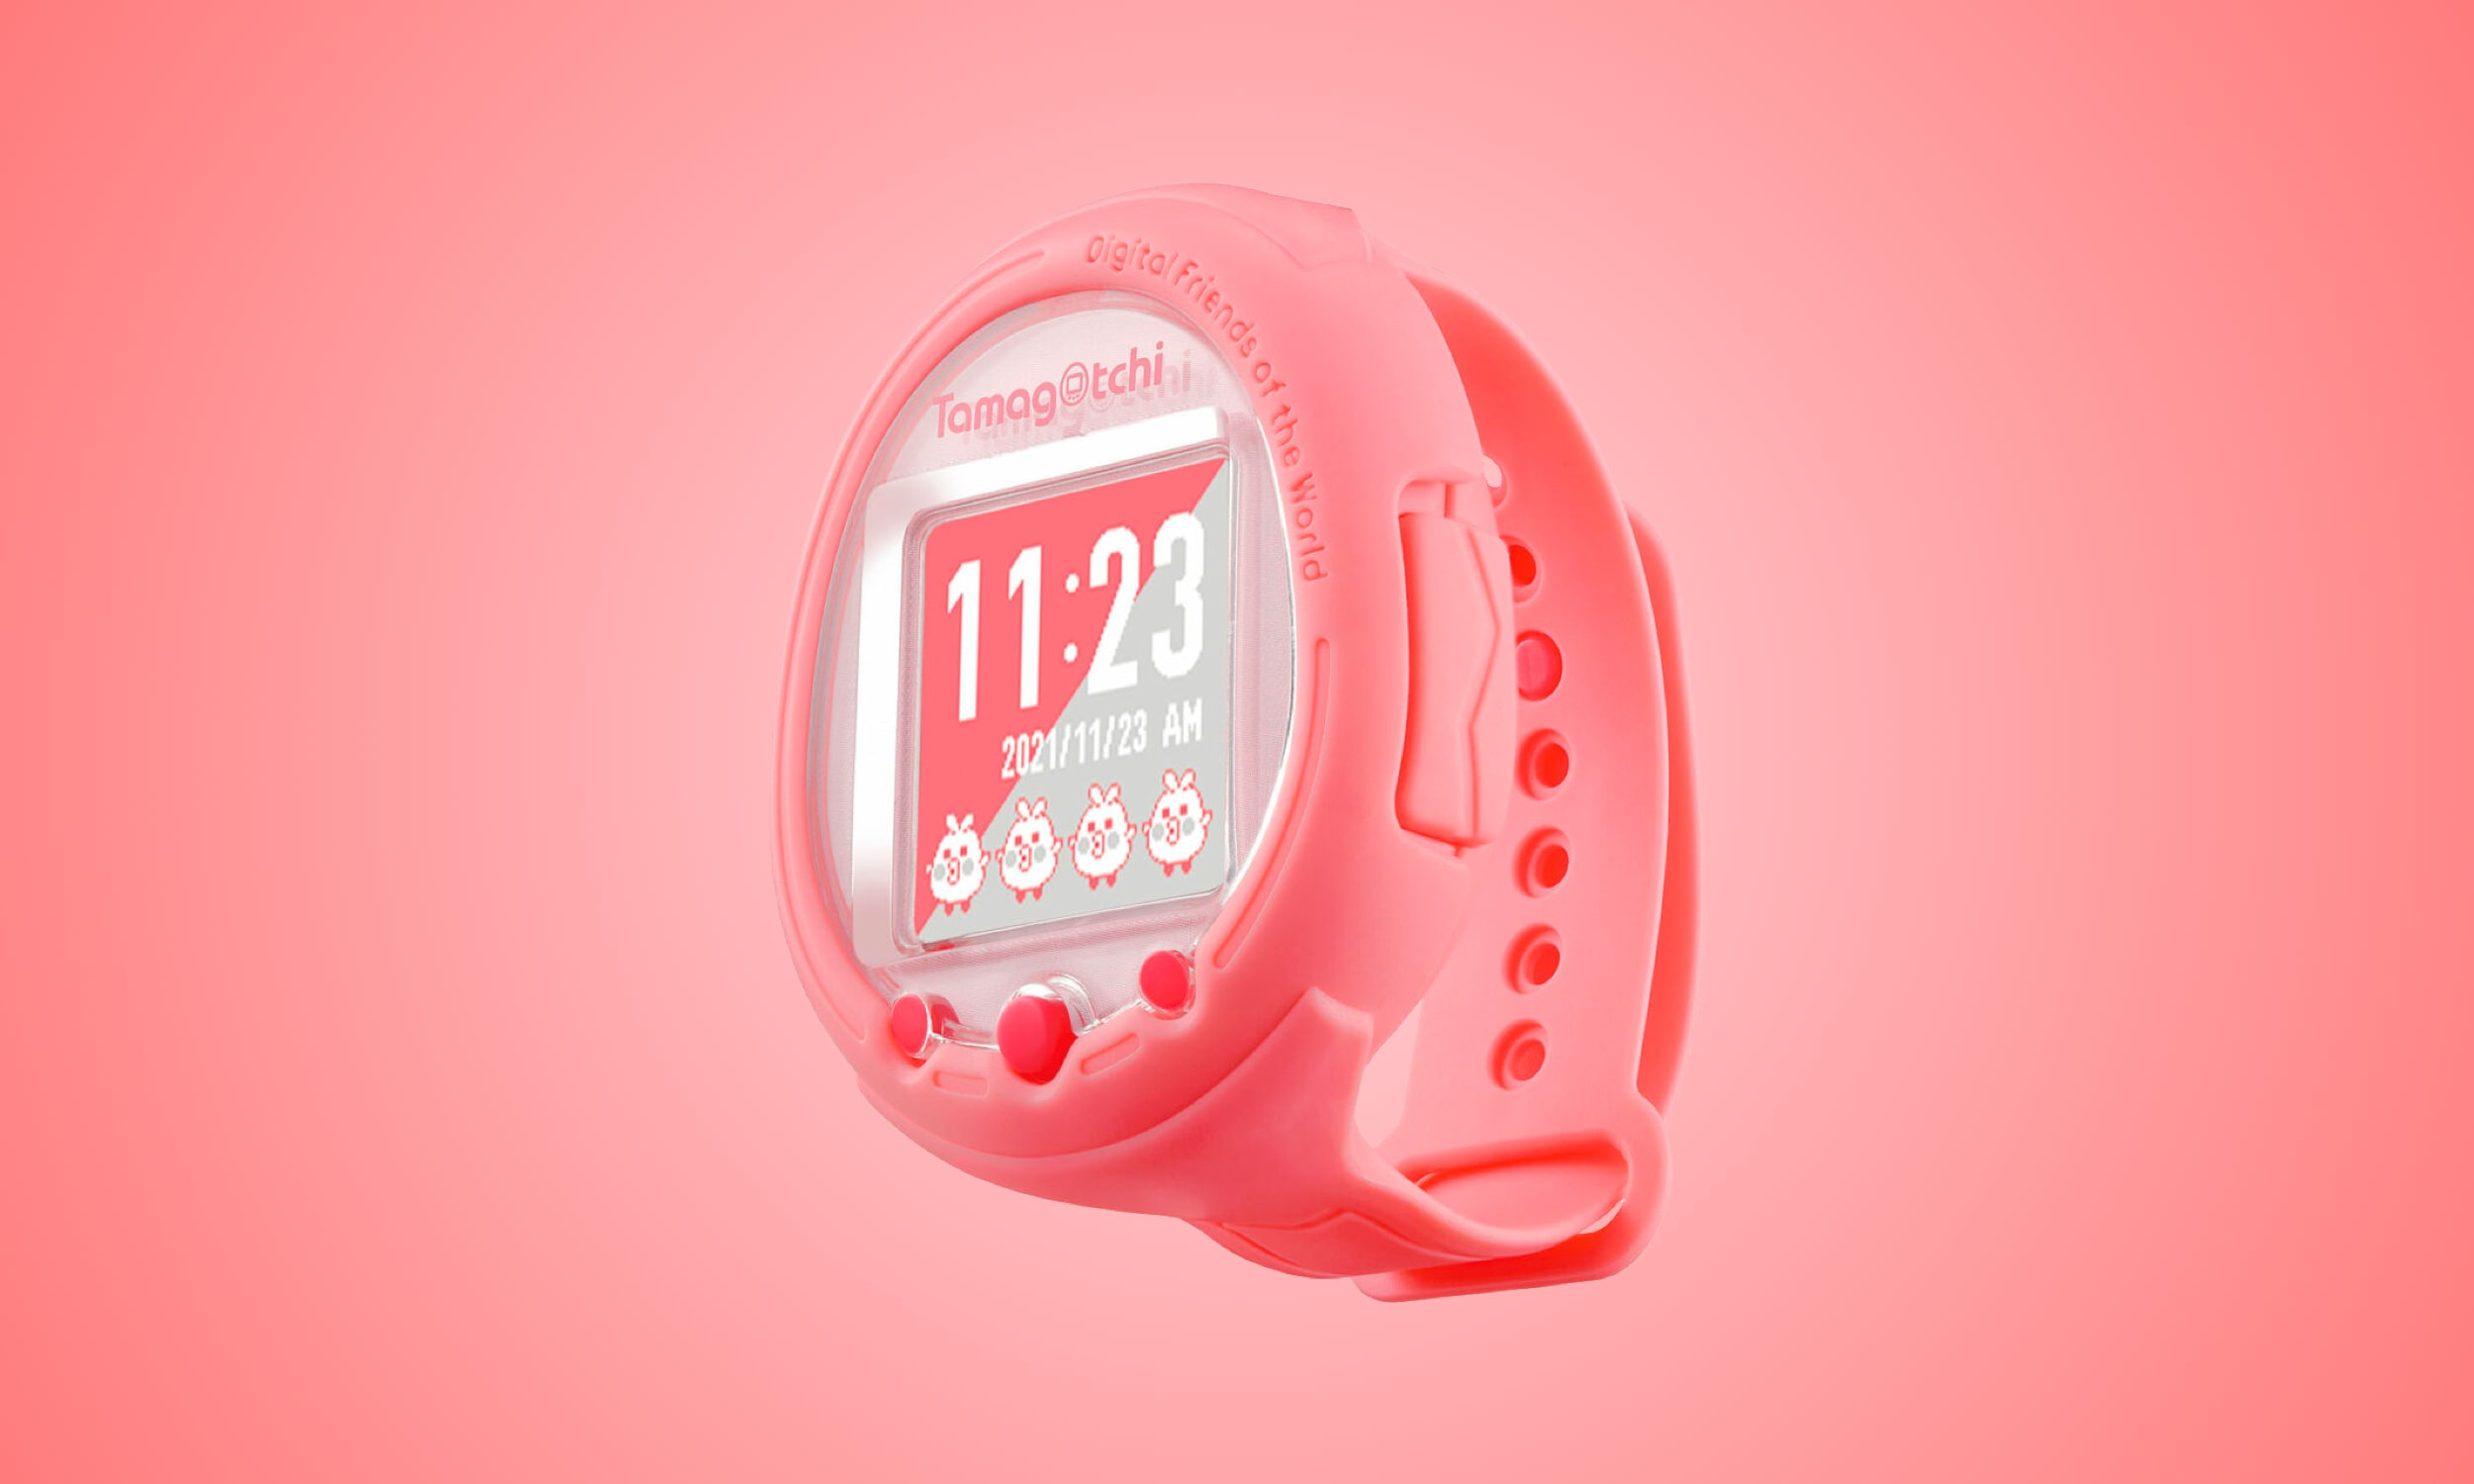 tamagotchi smartwatch-min